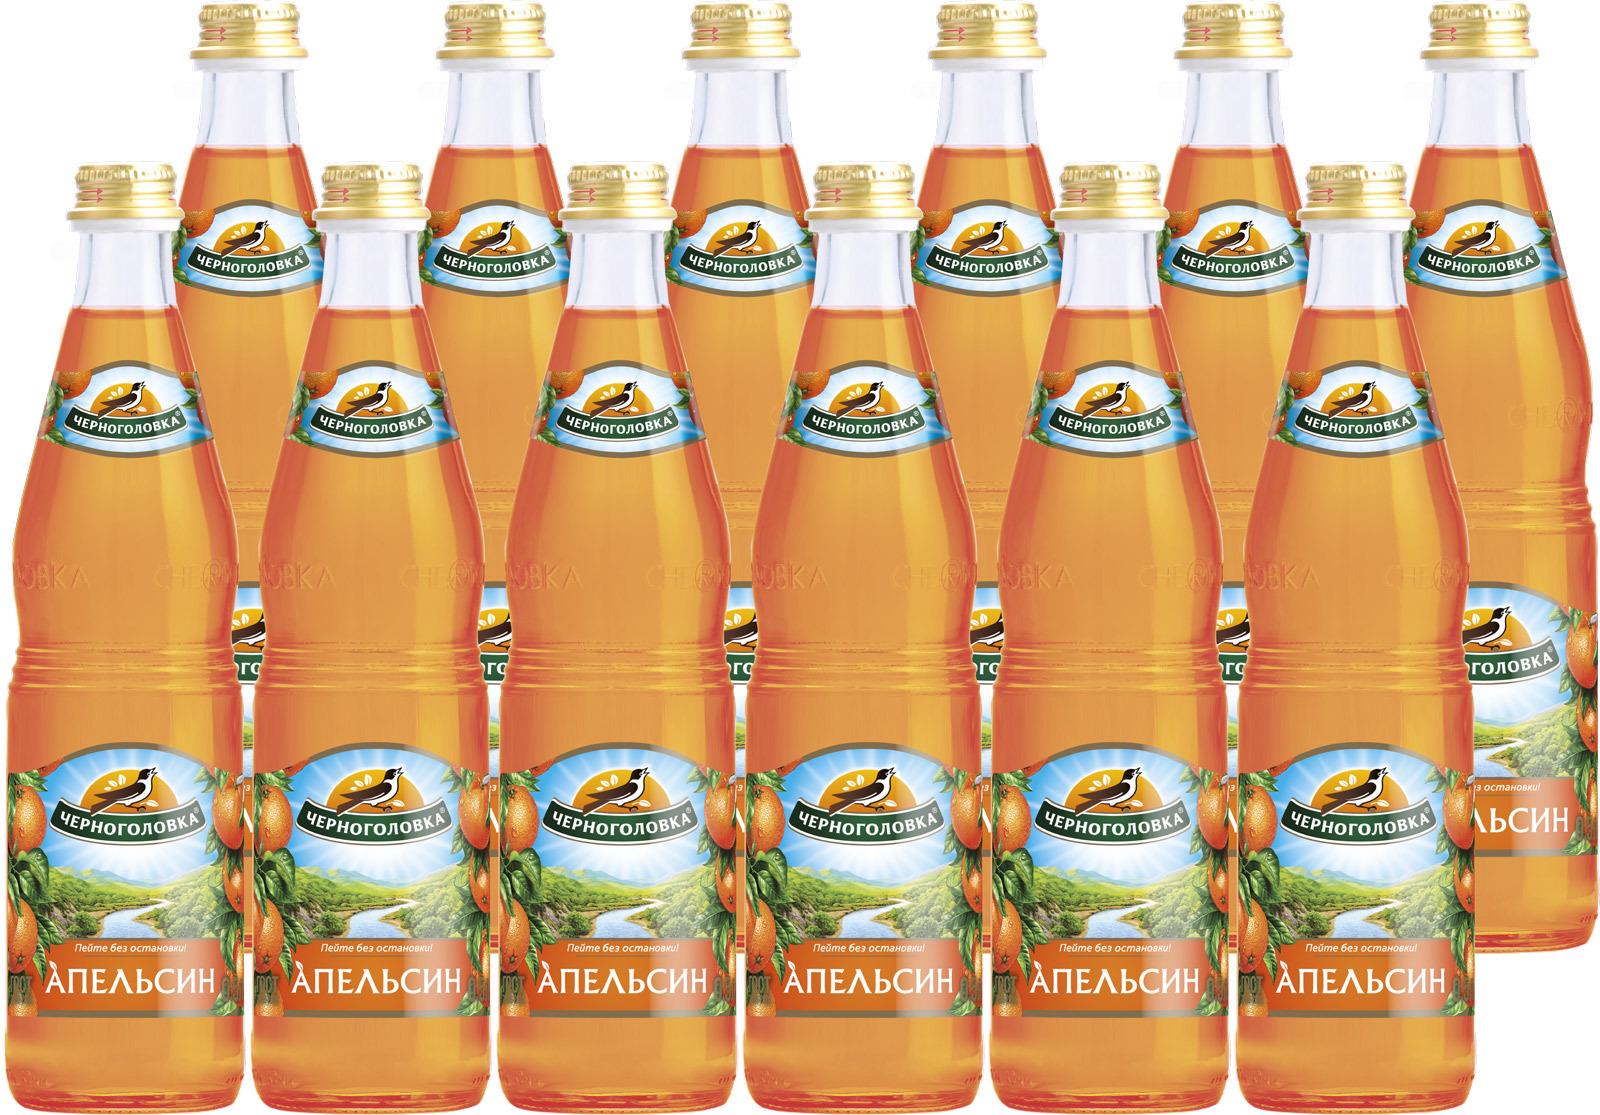 """Лимонад Напитки из Черноголовки """"Апельсин"""", 12 шт по 500 мл"""